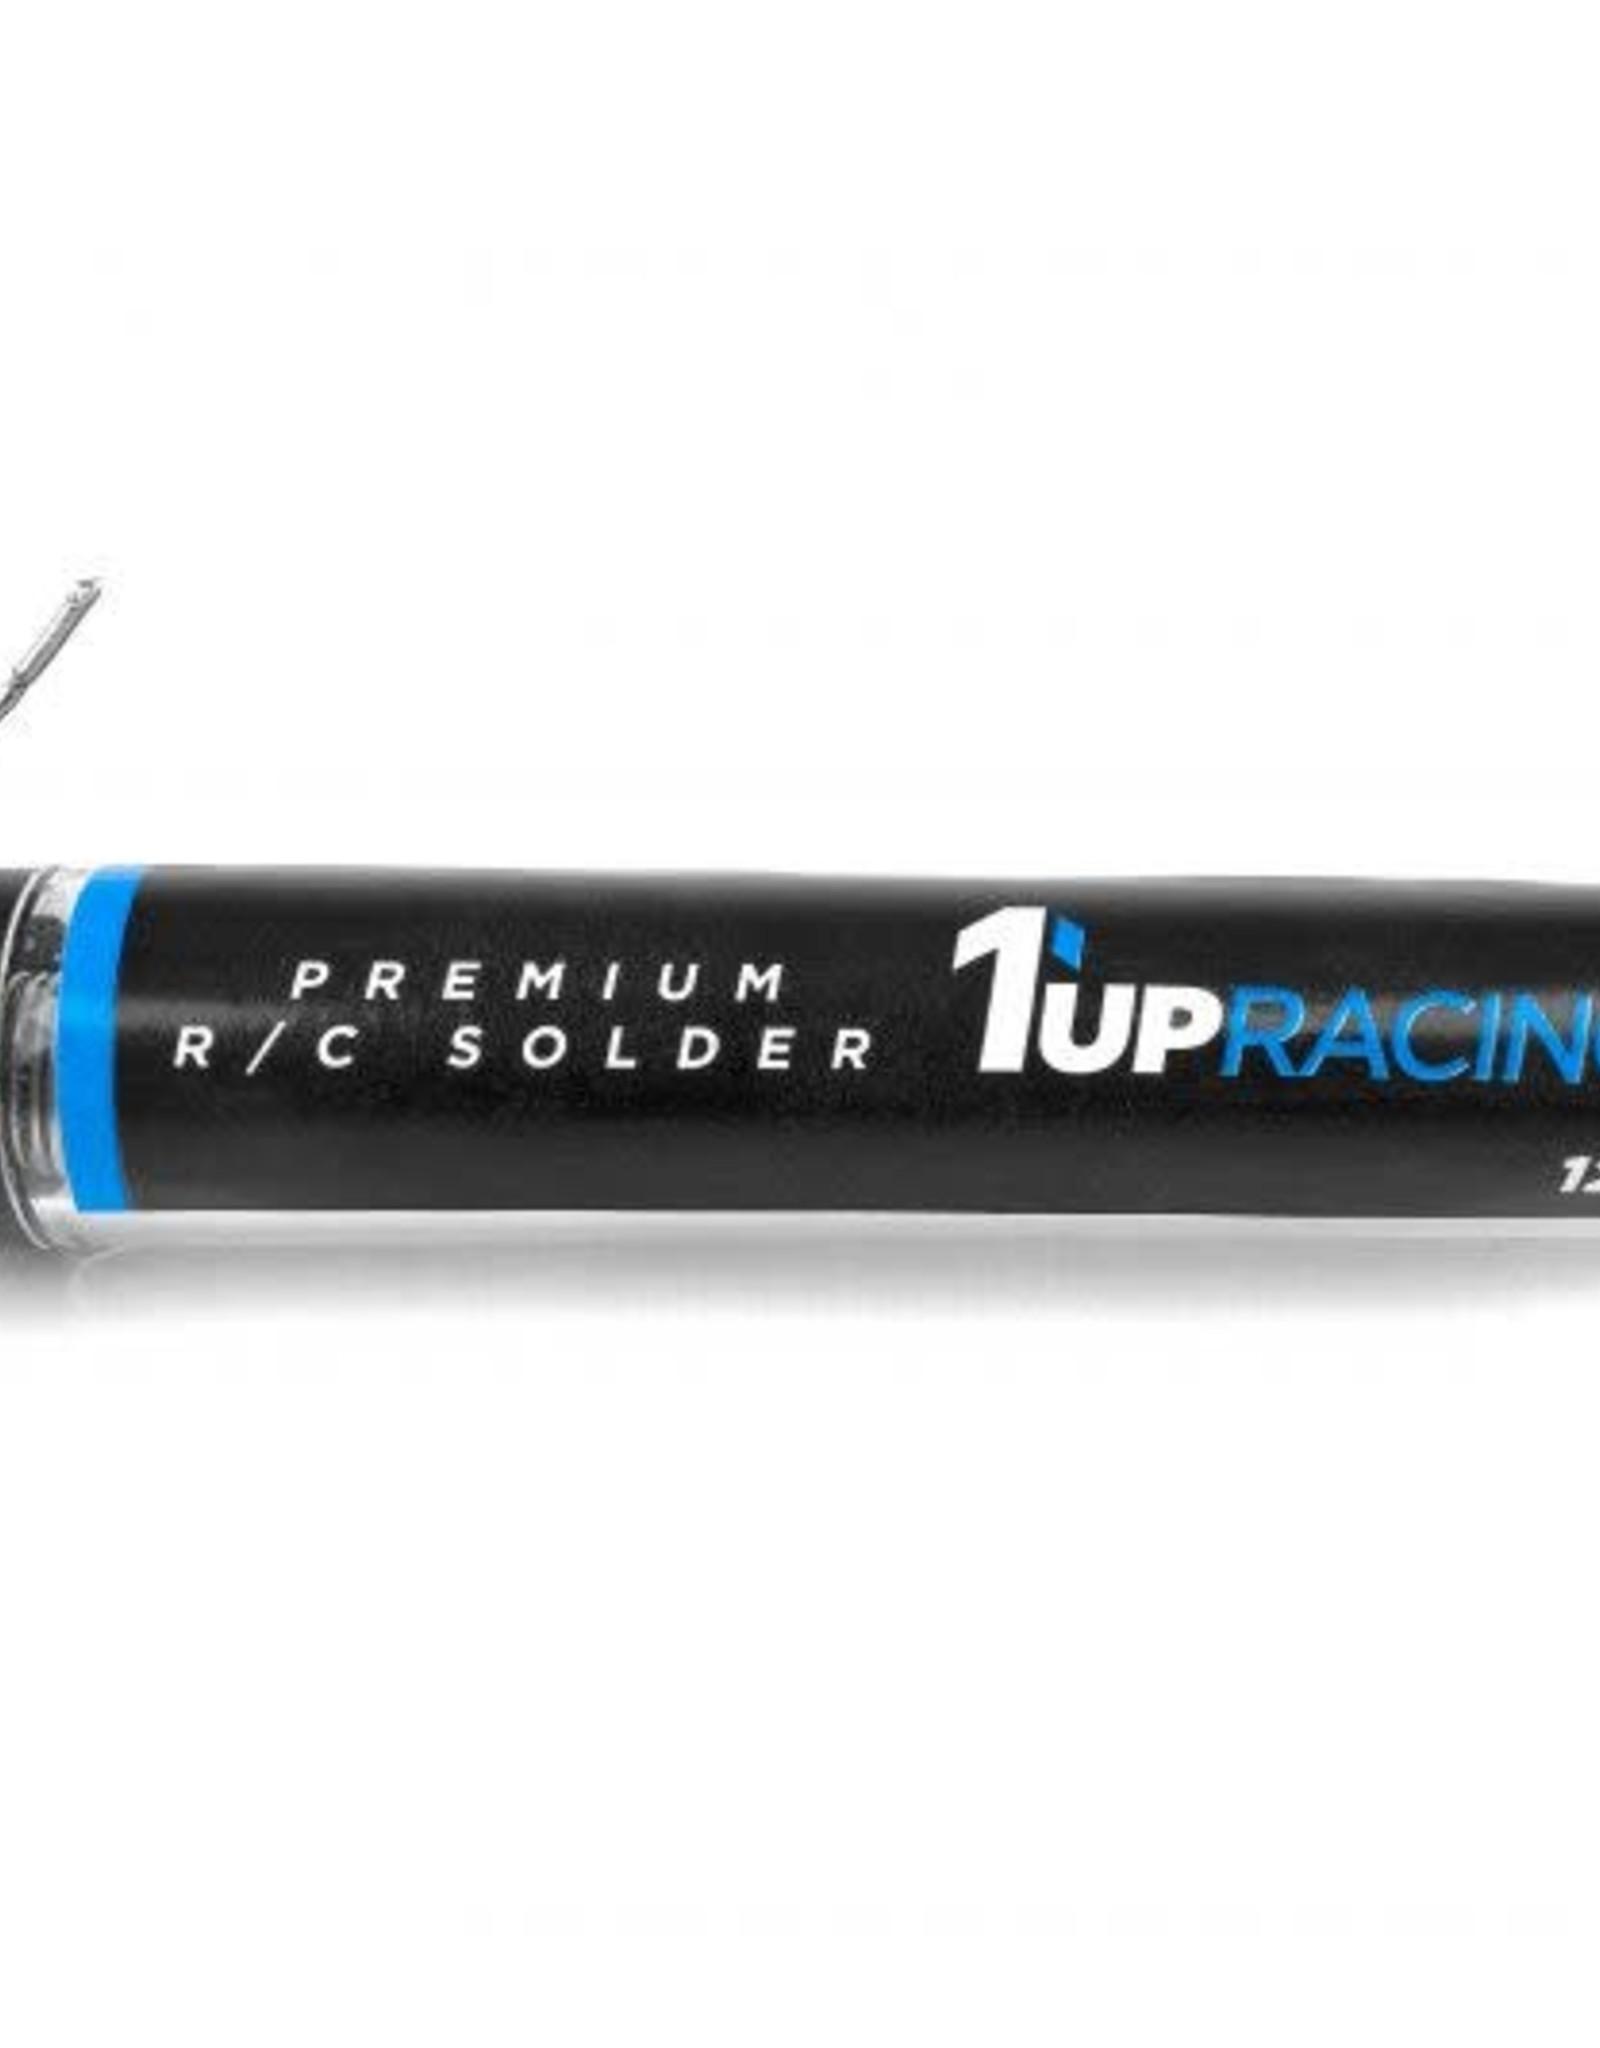 1UP 1up Racing premium solder